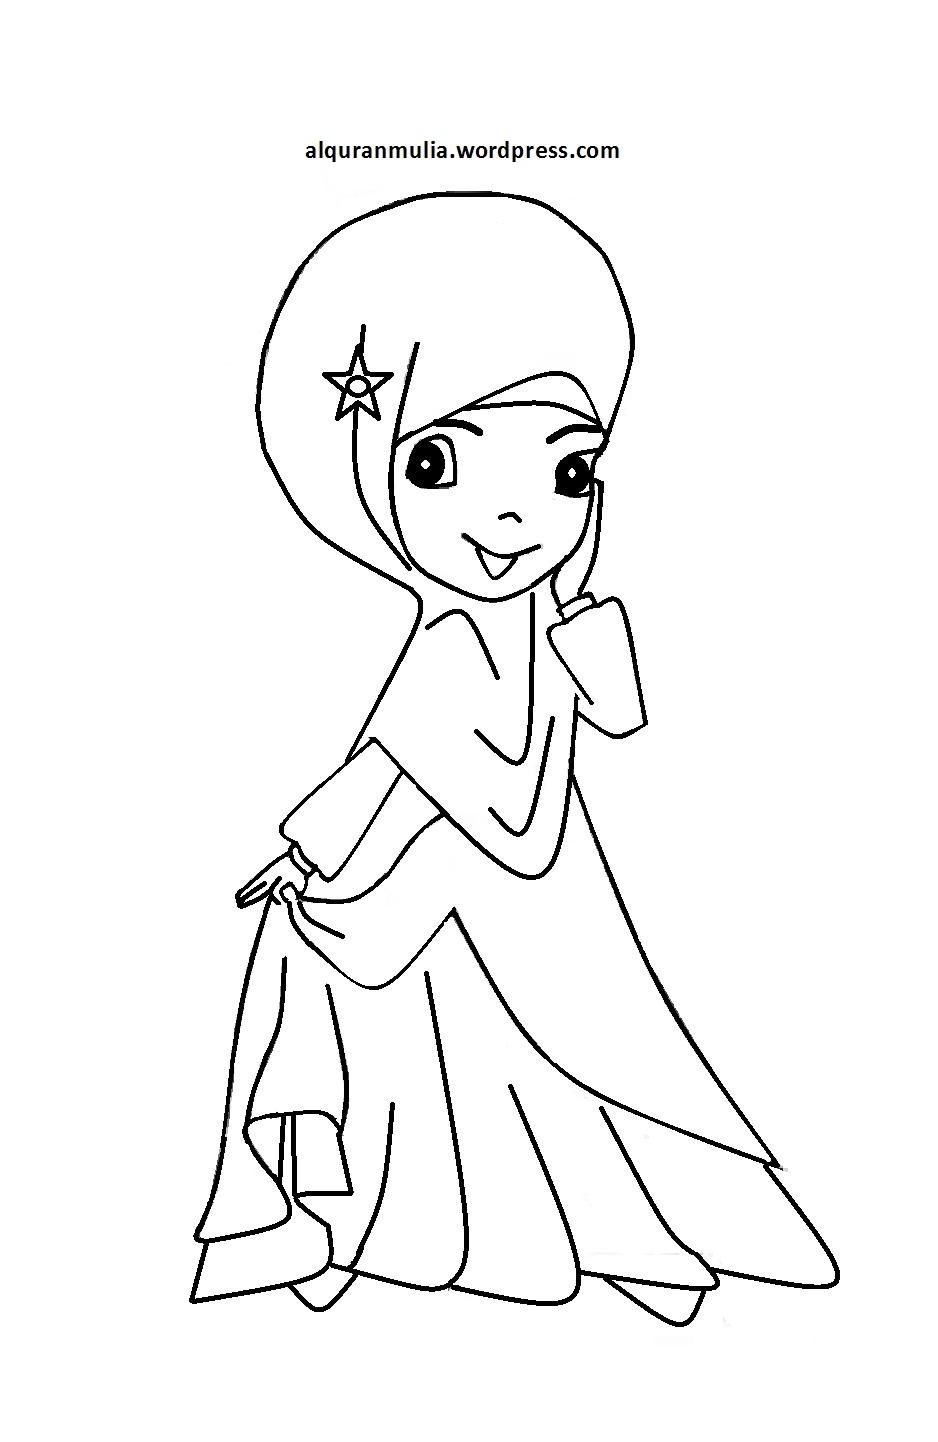 Mewarnai Gambar Kartun Anak Muslimah 80 Alquranmulia